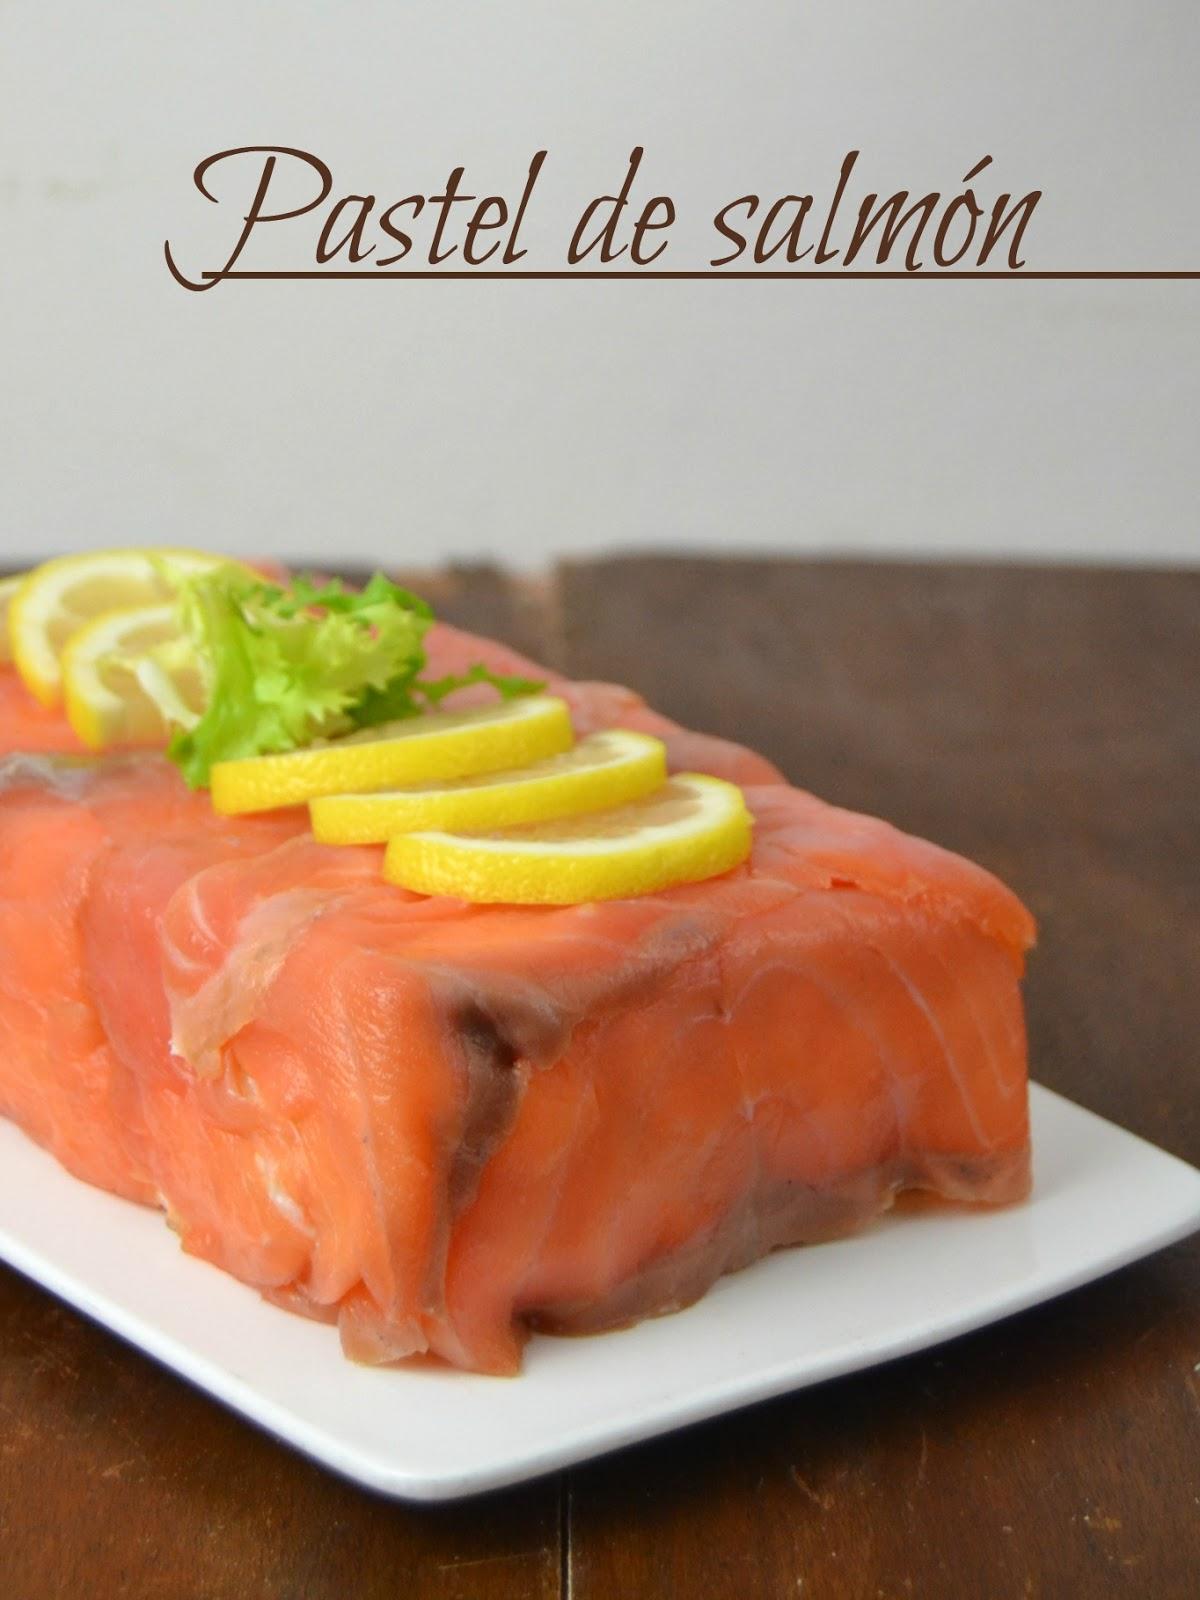 Pastel de salm n f cil con pan de molde cuuking for Videos de cocina facil